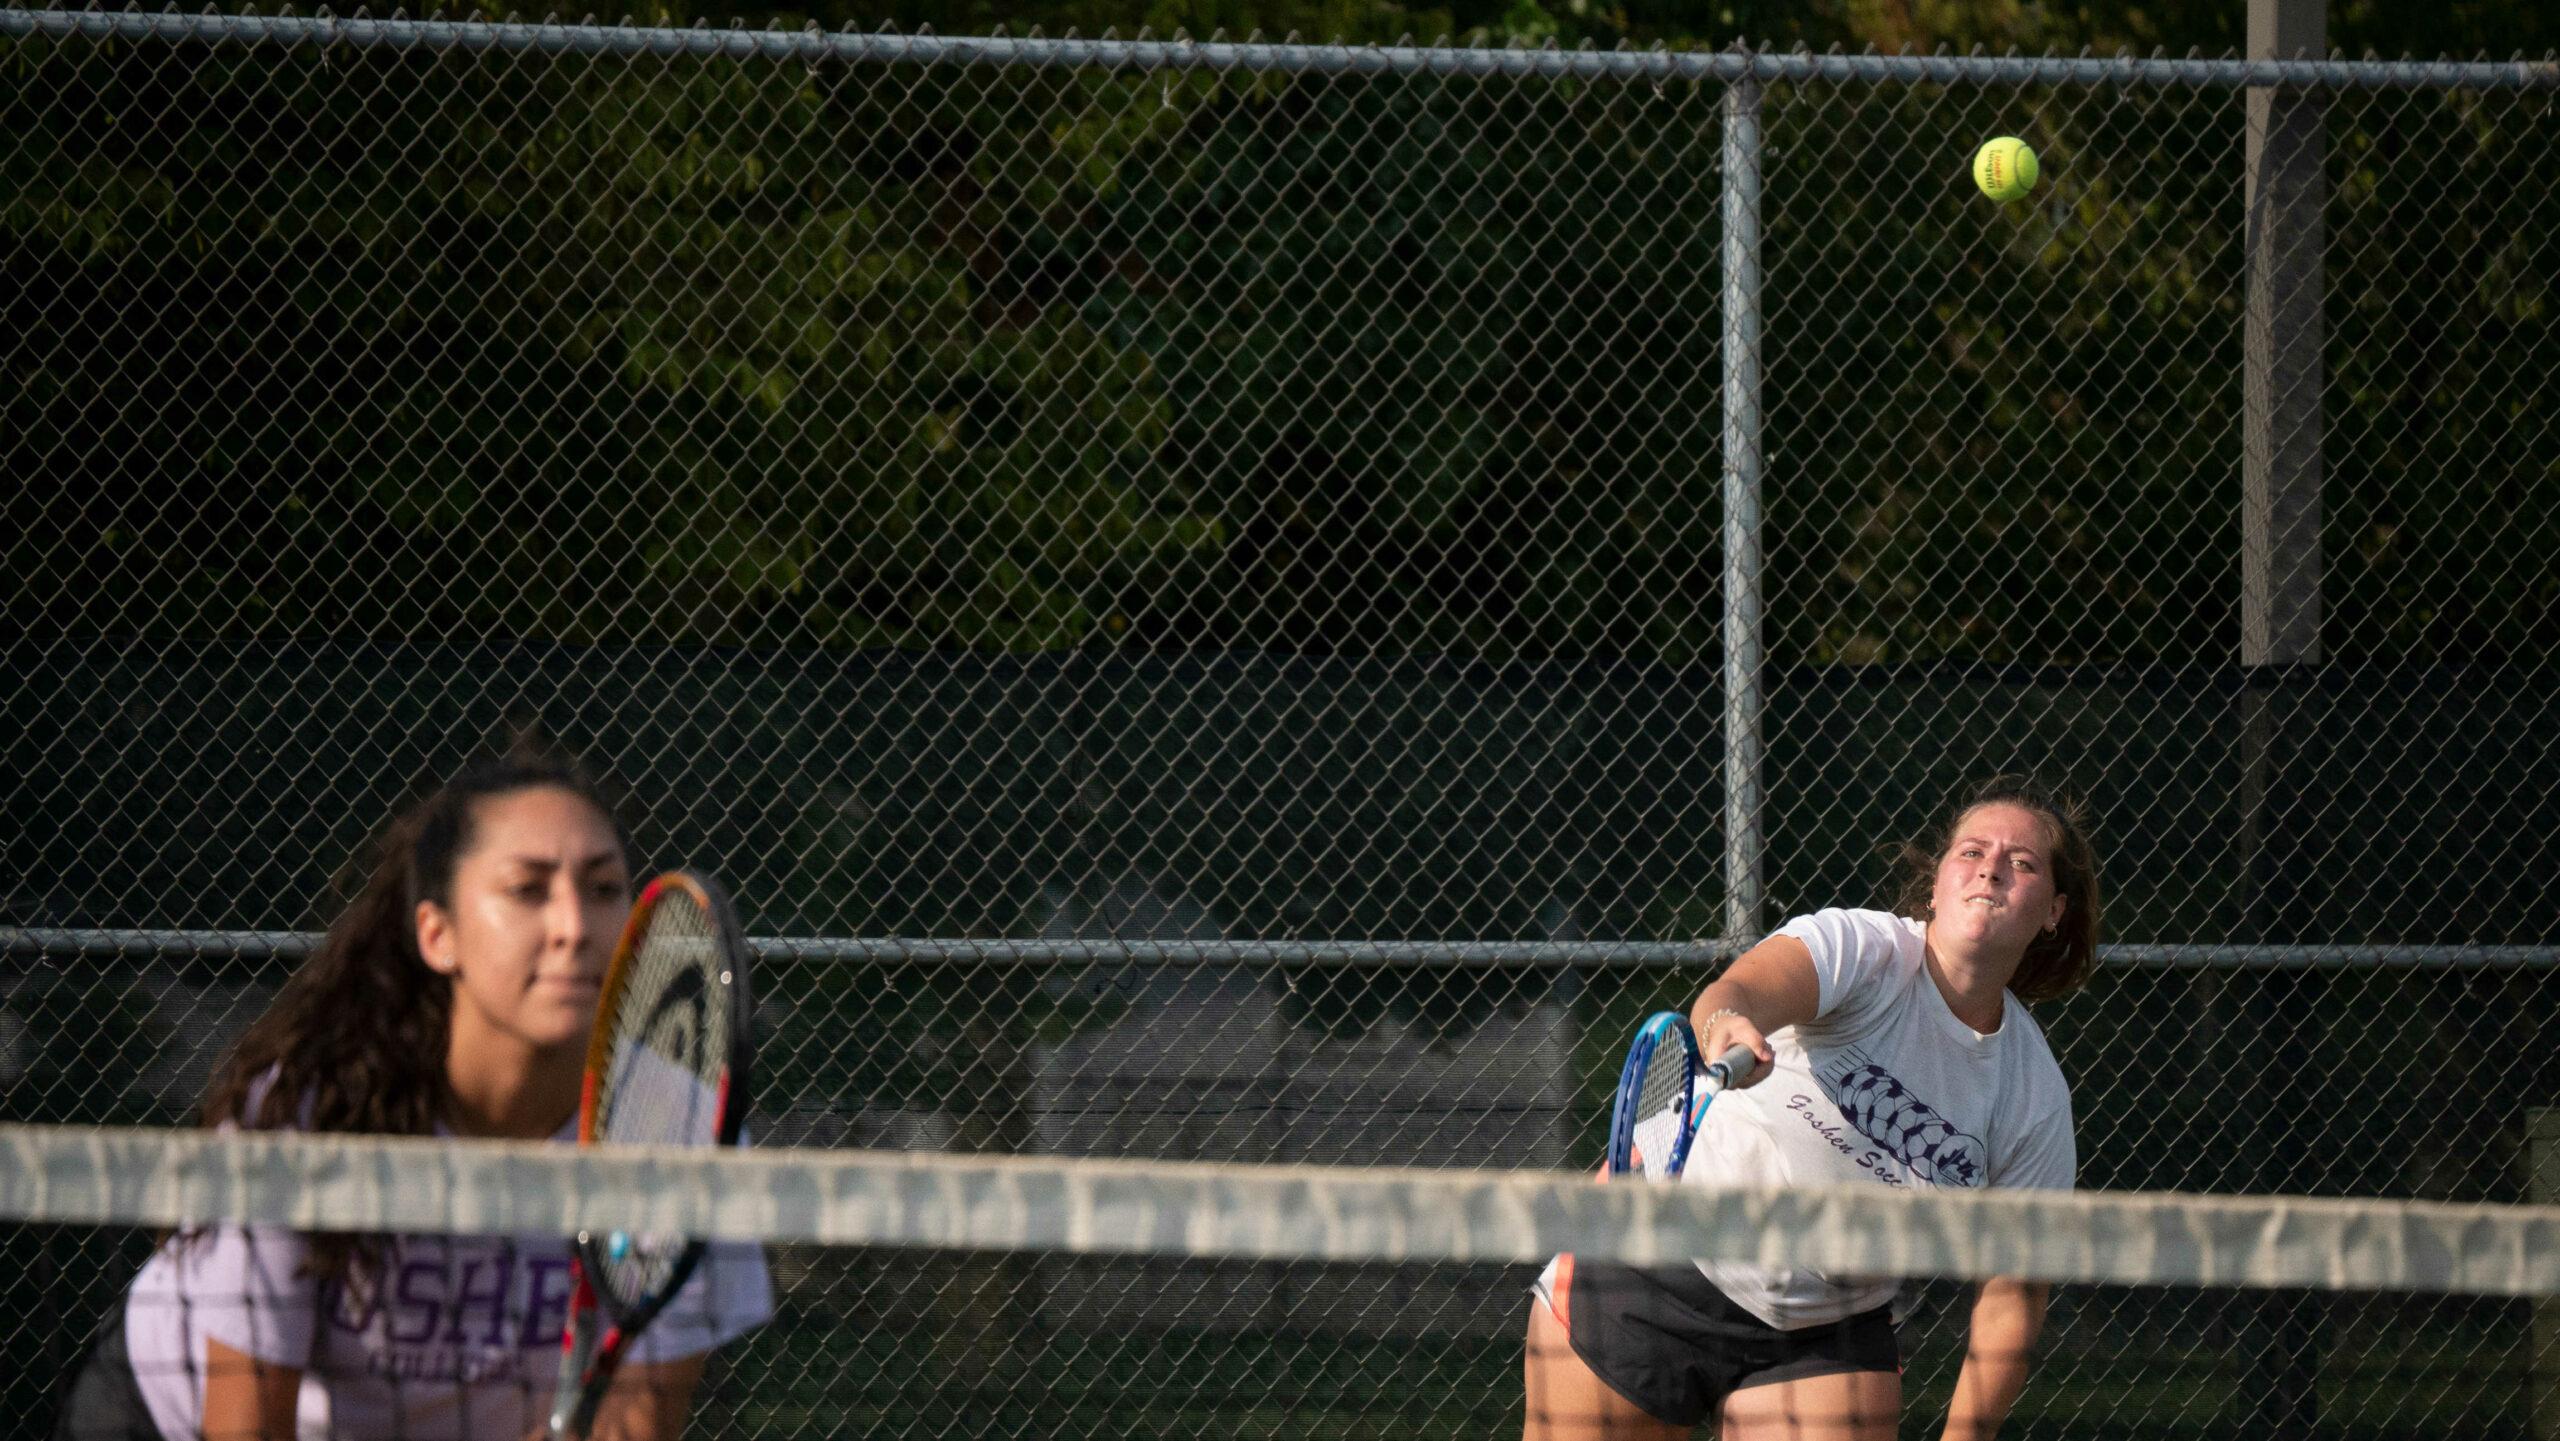 Tennis practice in action